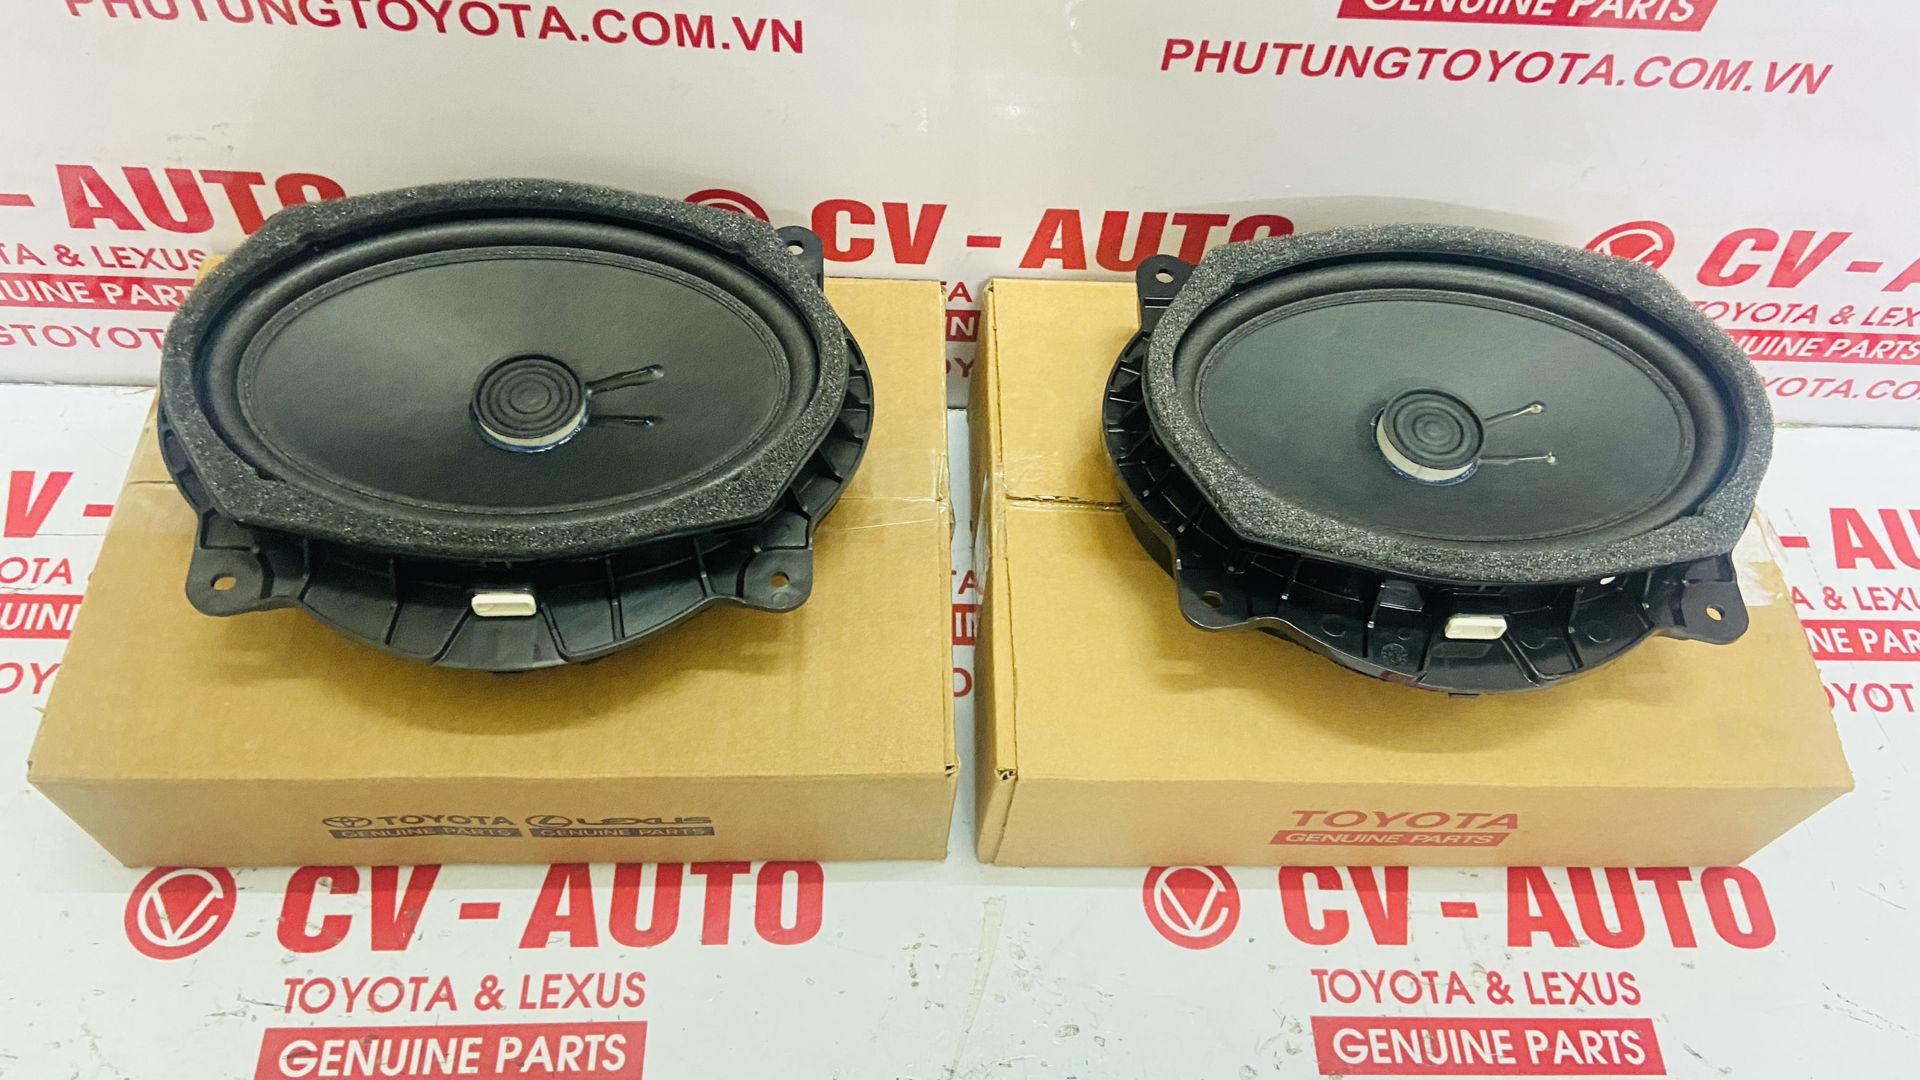 Picture of 86160-0W560, 861600W560 Loa cánh cửa Lexus GX470 chính hãng